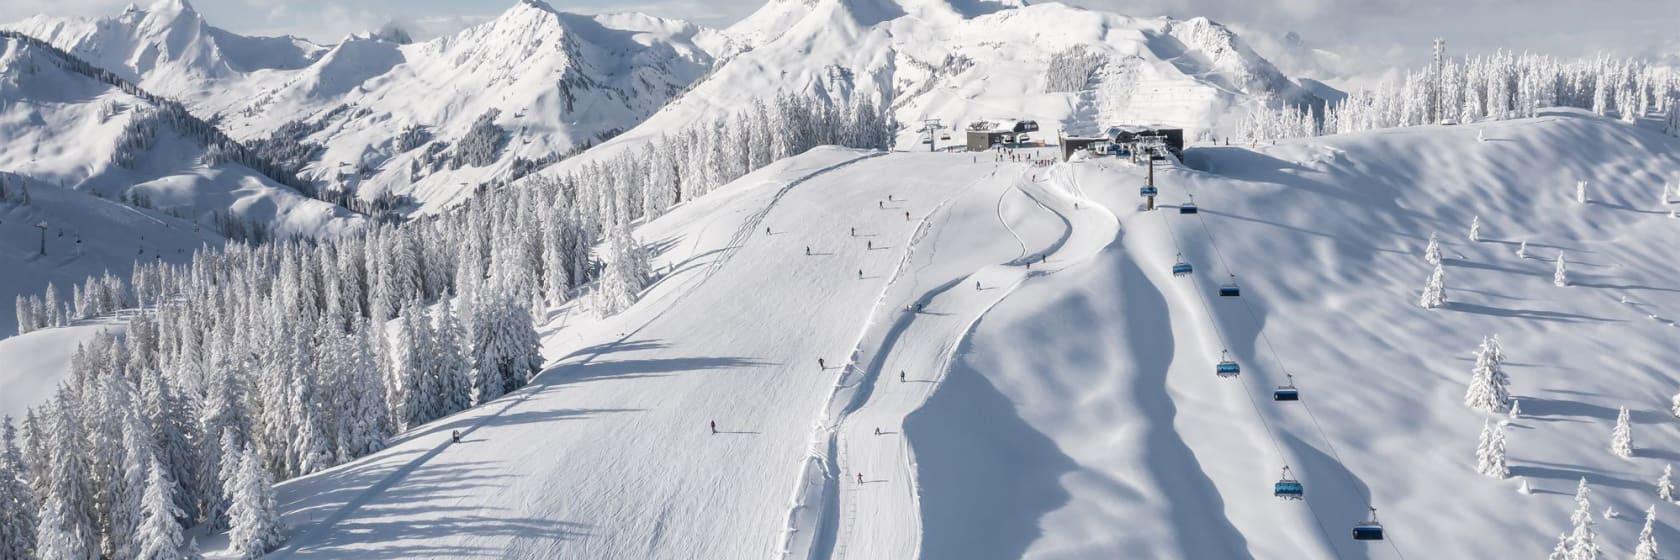 Skiløbere på piste med snebeklædte træer og bjerge i Saalbach